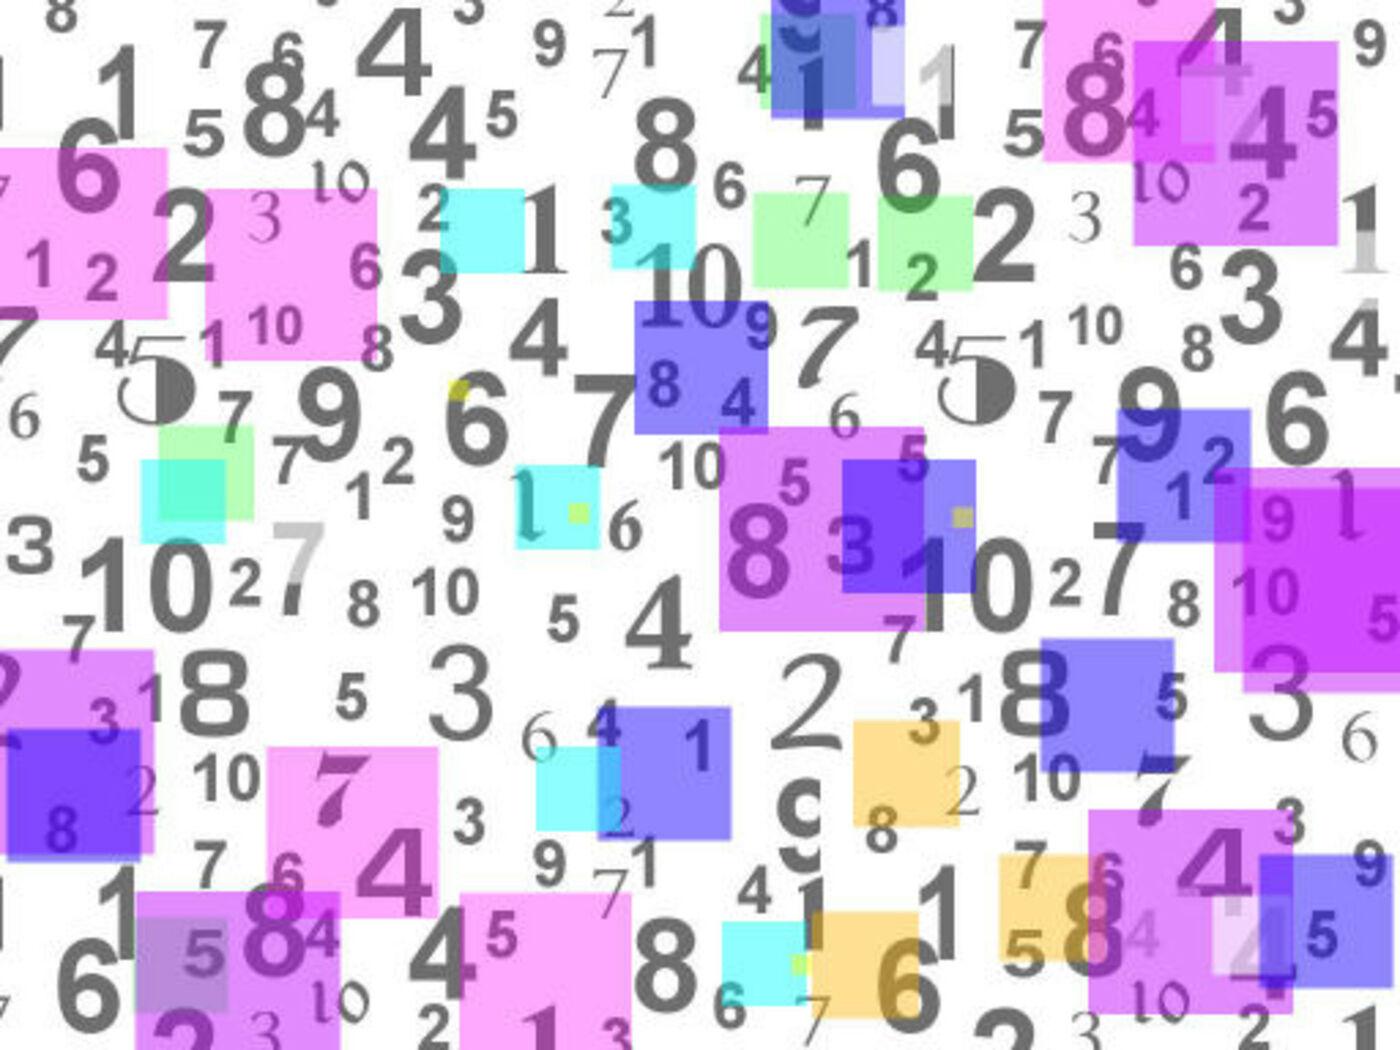 Доклад «Вычислительные задачи теории чисел» Юрия Валентиновича Нестеренко